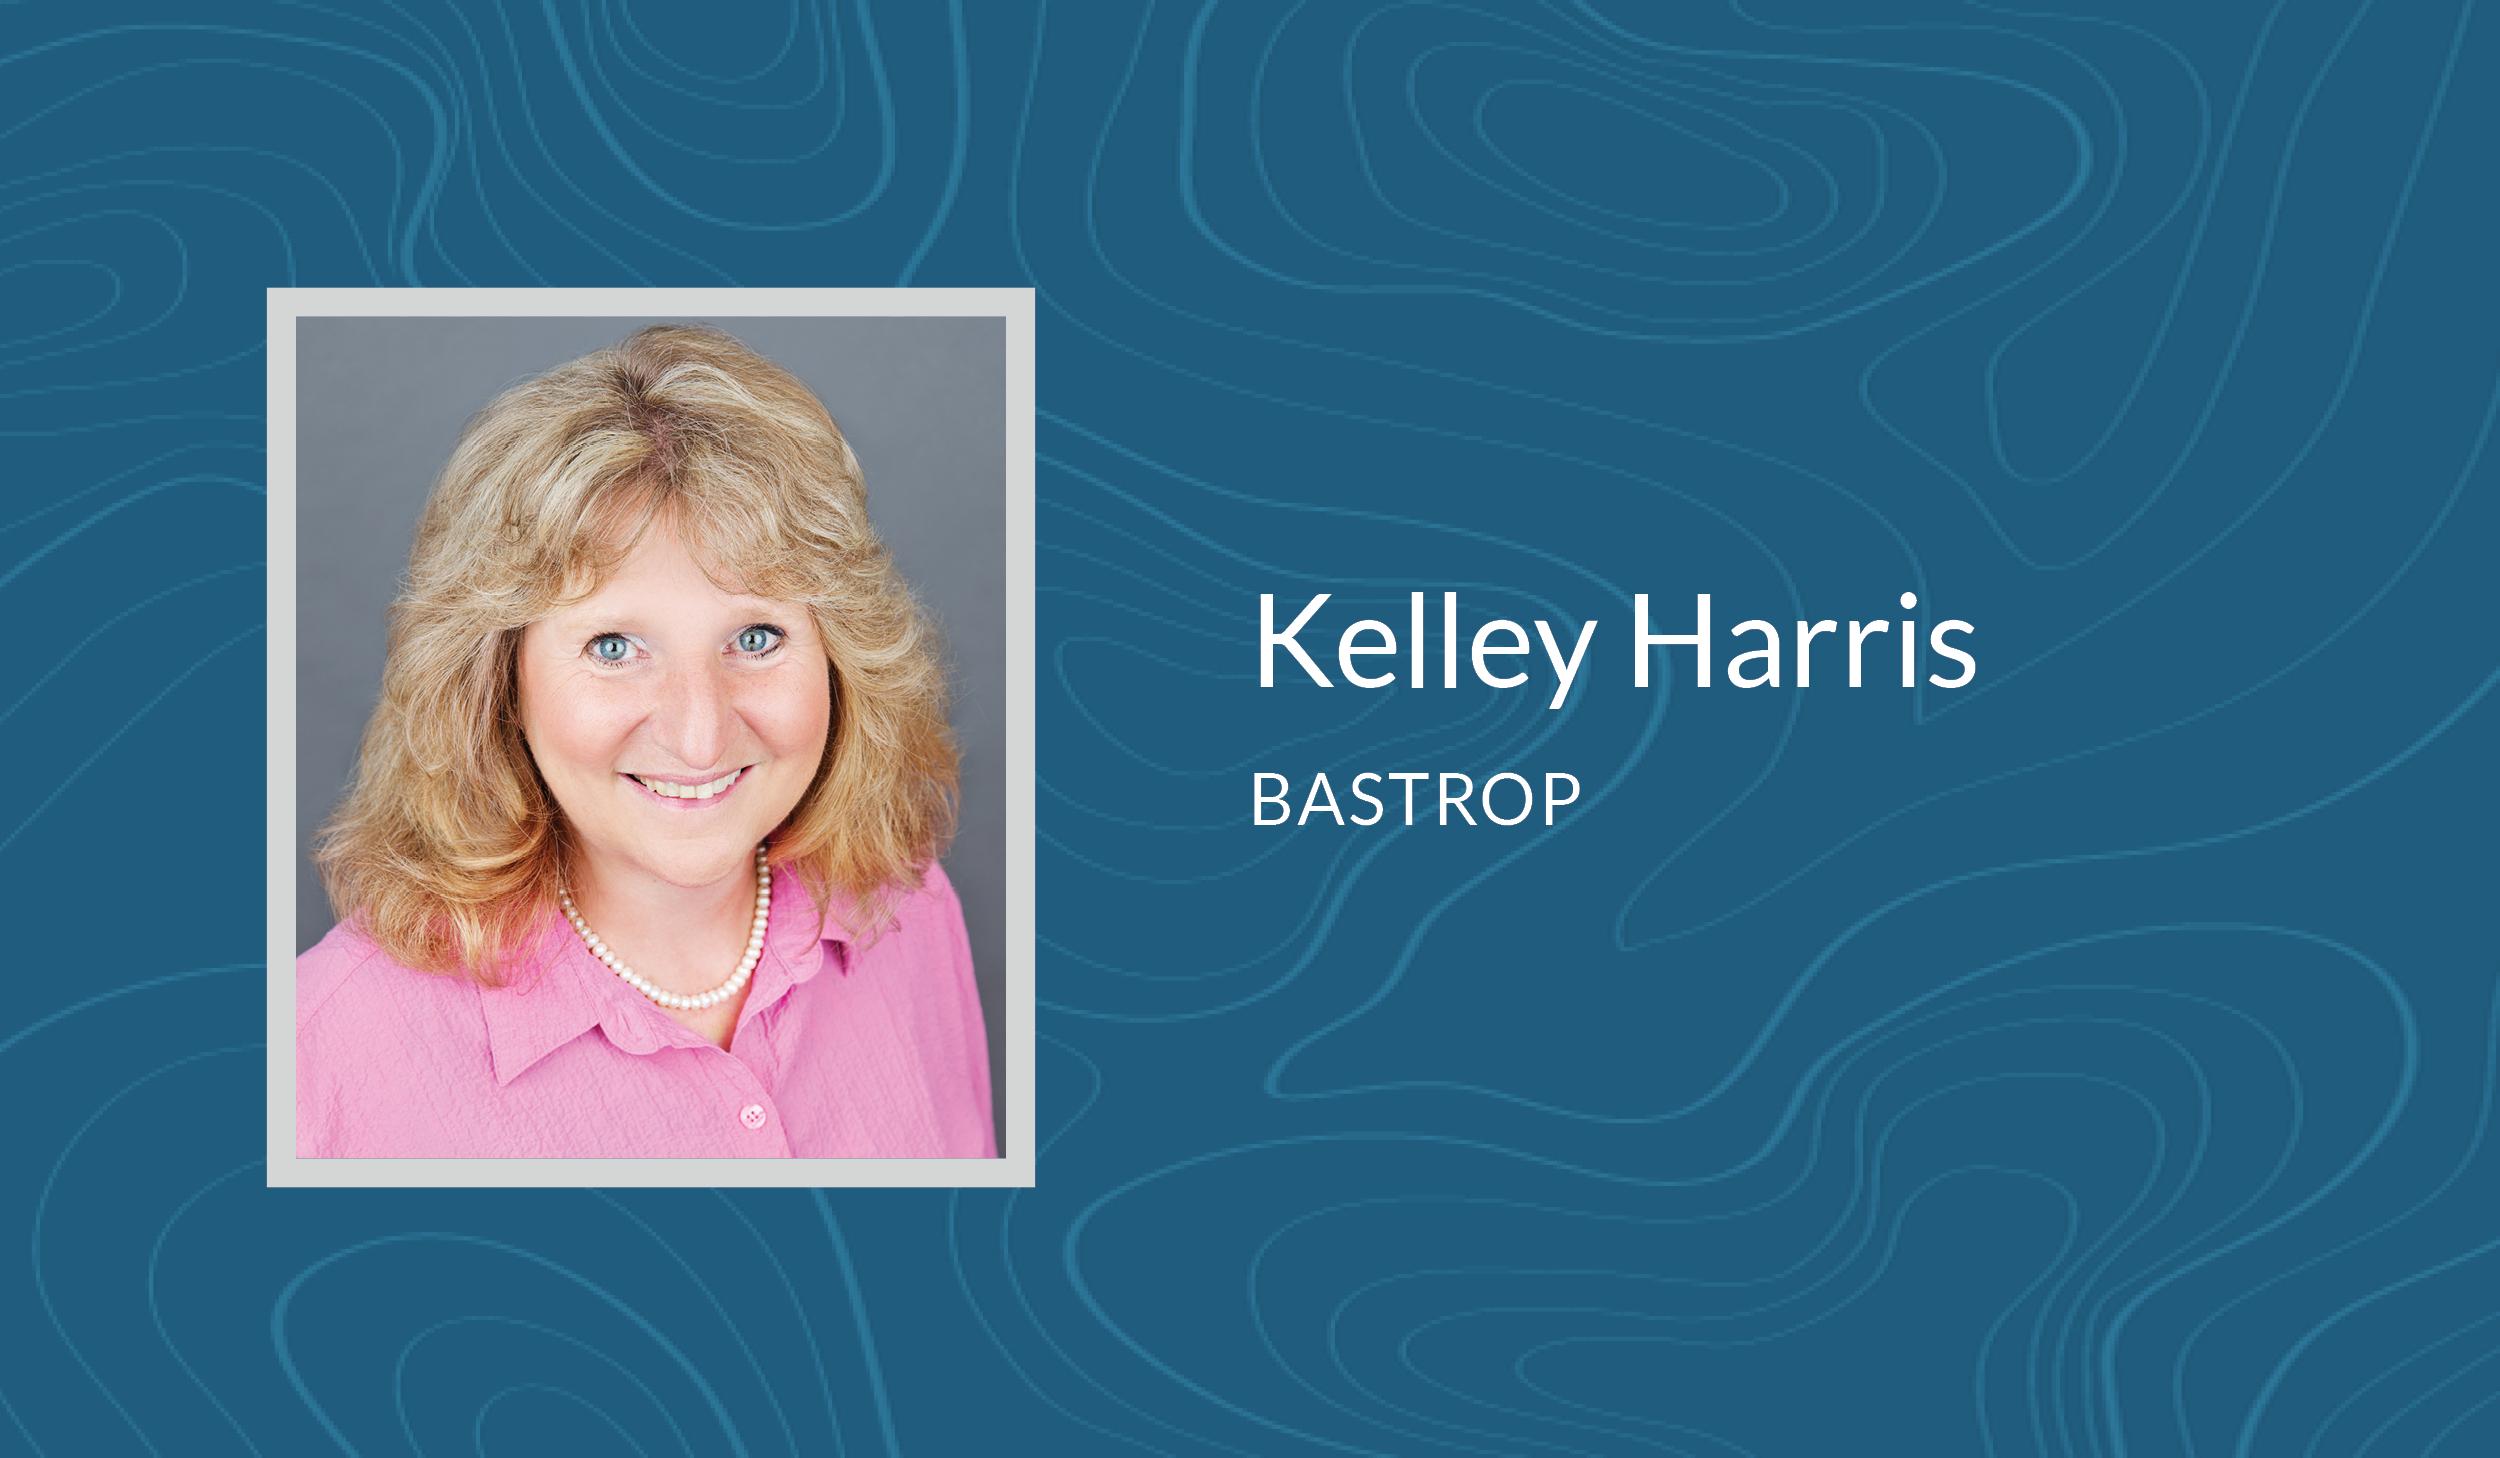 Kelley Harris Landing Page Headers.png